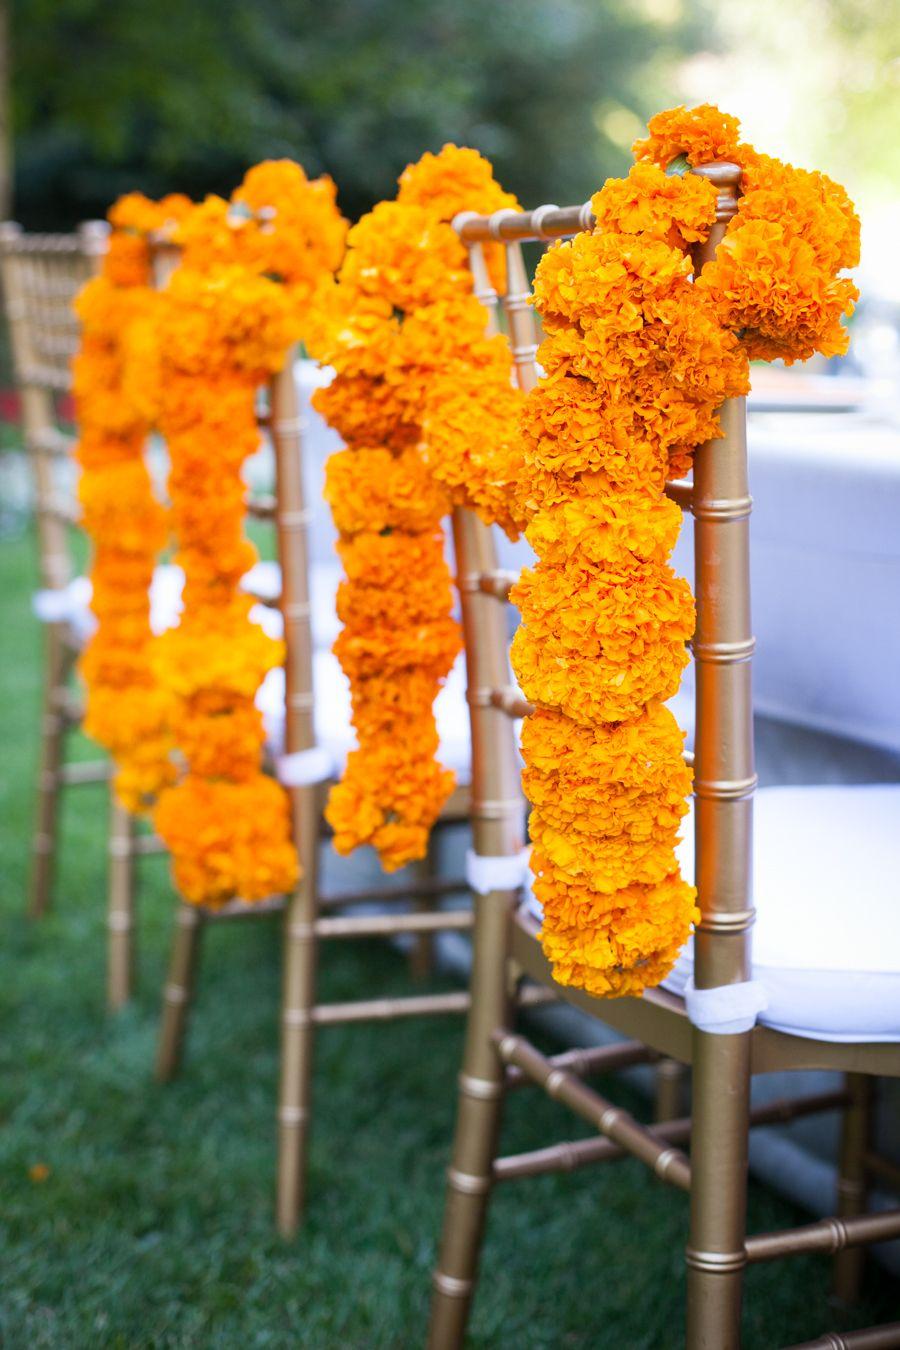 Photography: Sabine Scherer Photography - http://www.stylemepretty.com/portfolio/sabine-scherer-weddings Floral Design: Soulflower Design Studio - http://www.stylemepretty.com/portfolio/soulflowers-sf Wedding Venue: nestledown - http://www.stylemepretty.com/portfolio/nestledown   Read More on SMP: http://www.stylemepretty.com/2014/08/06/indian-summer-outdoor-wedding/